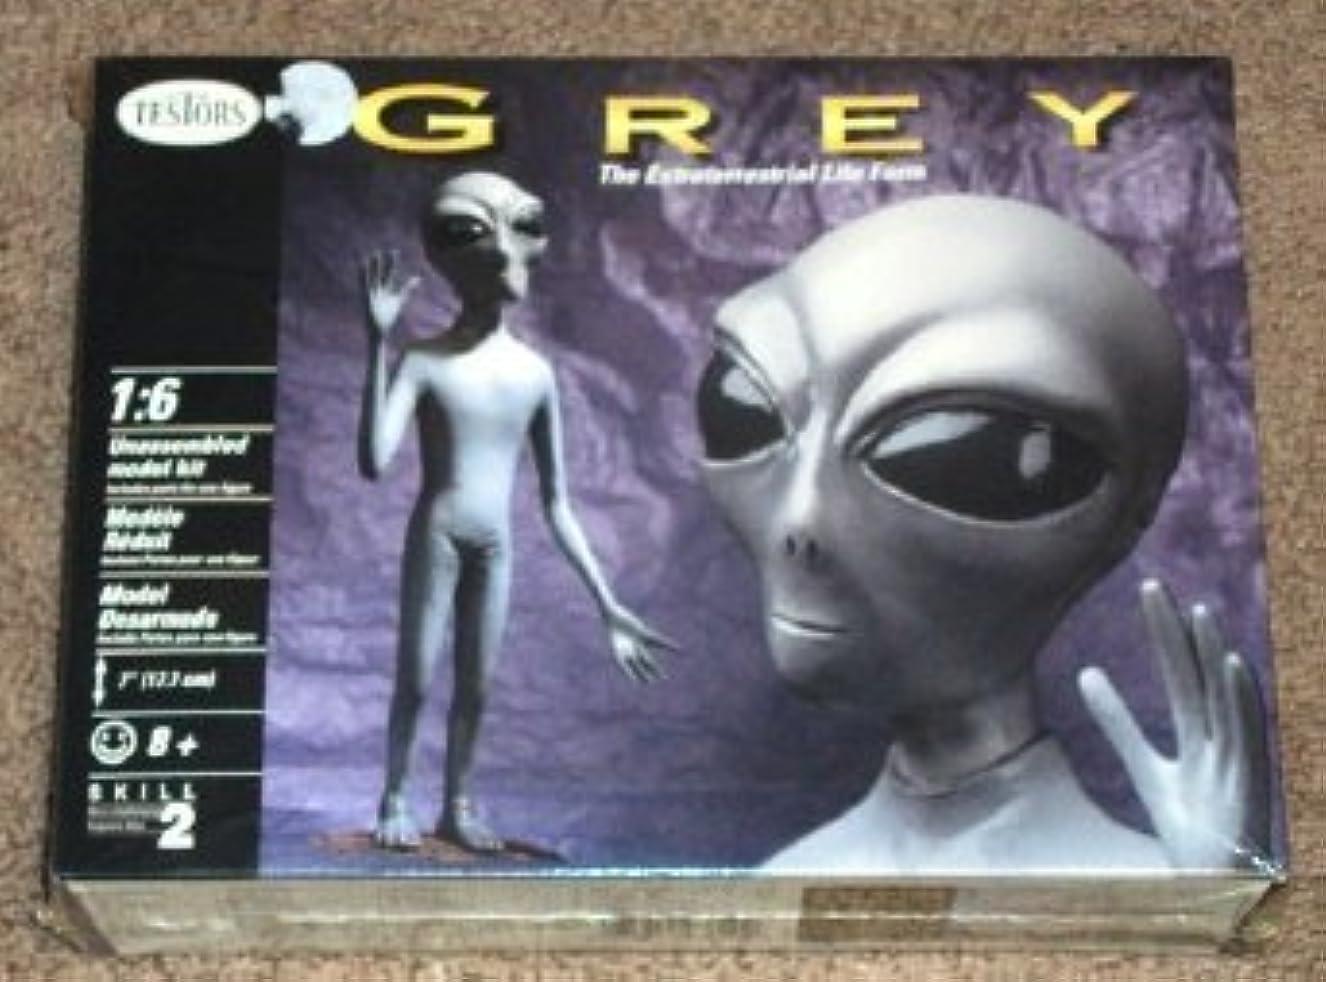 軽食最も遠い受け継ぐTestors Grey / The Extraterrestrial Life Form 1:6 [並行輸入品]